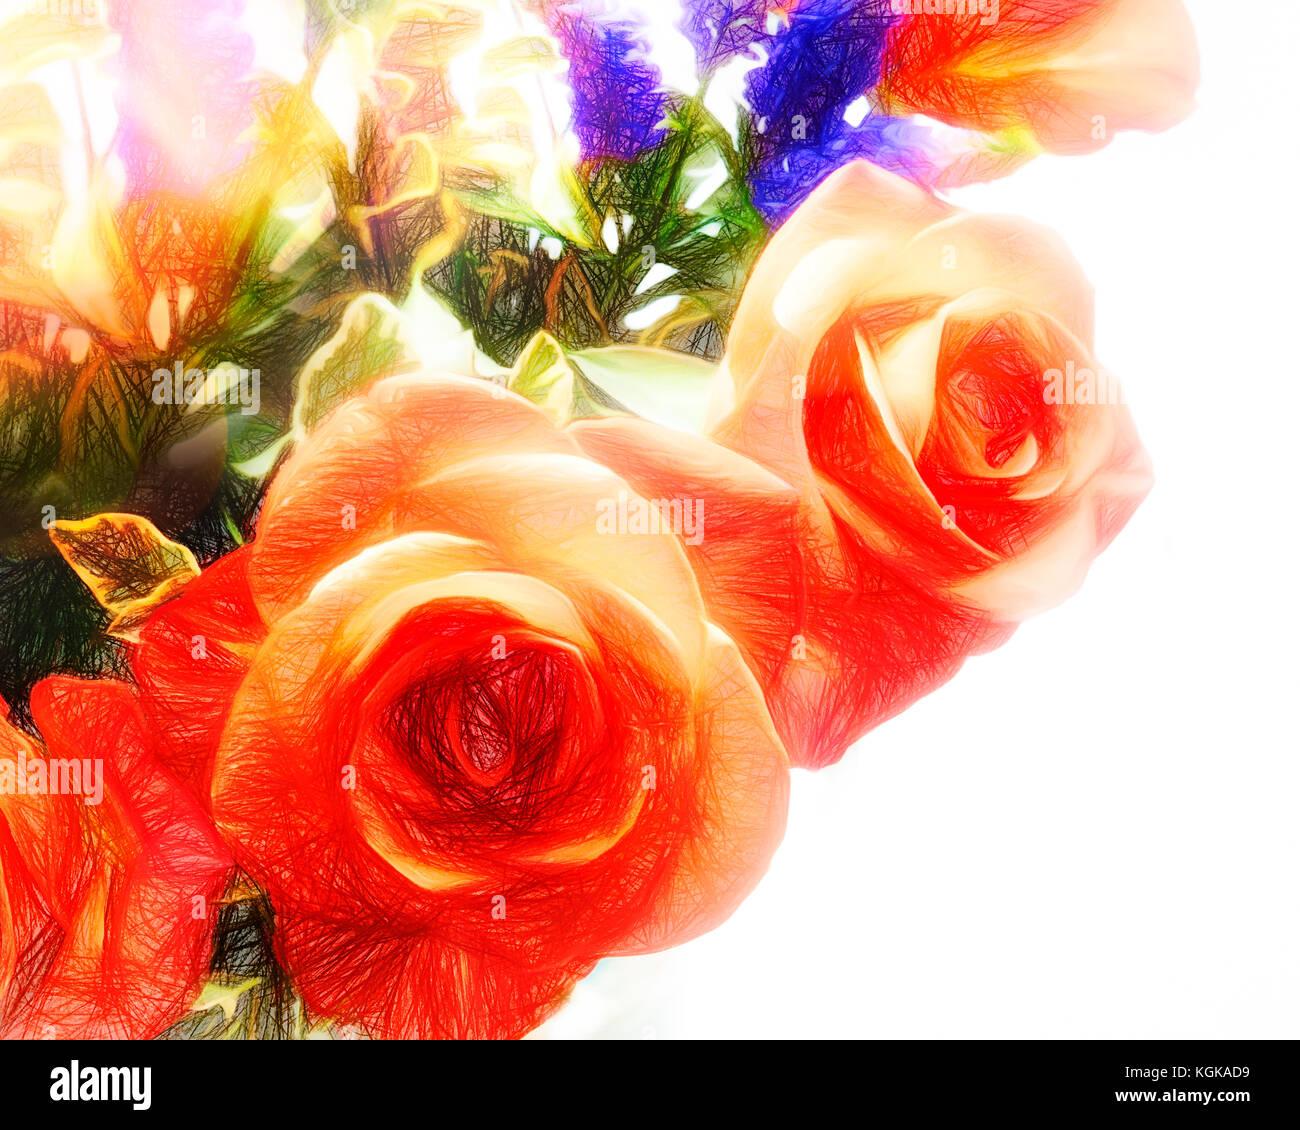 DIGITAL ART: Red Roses - Stock Image